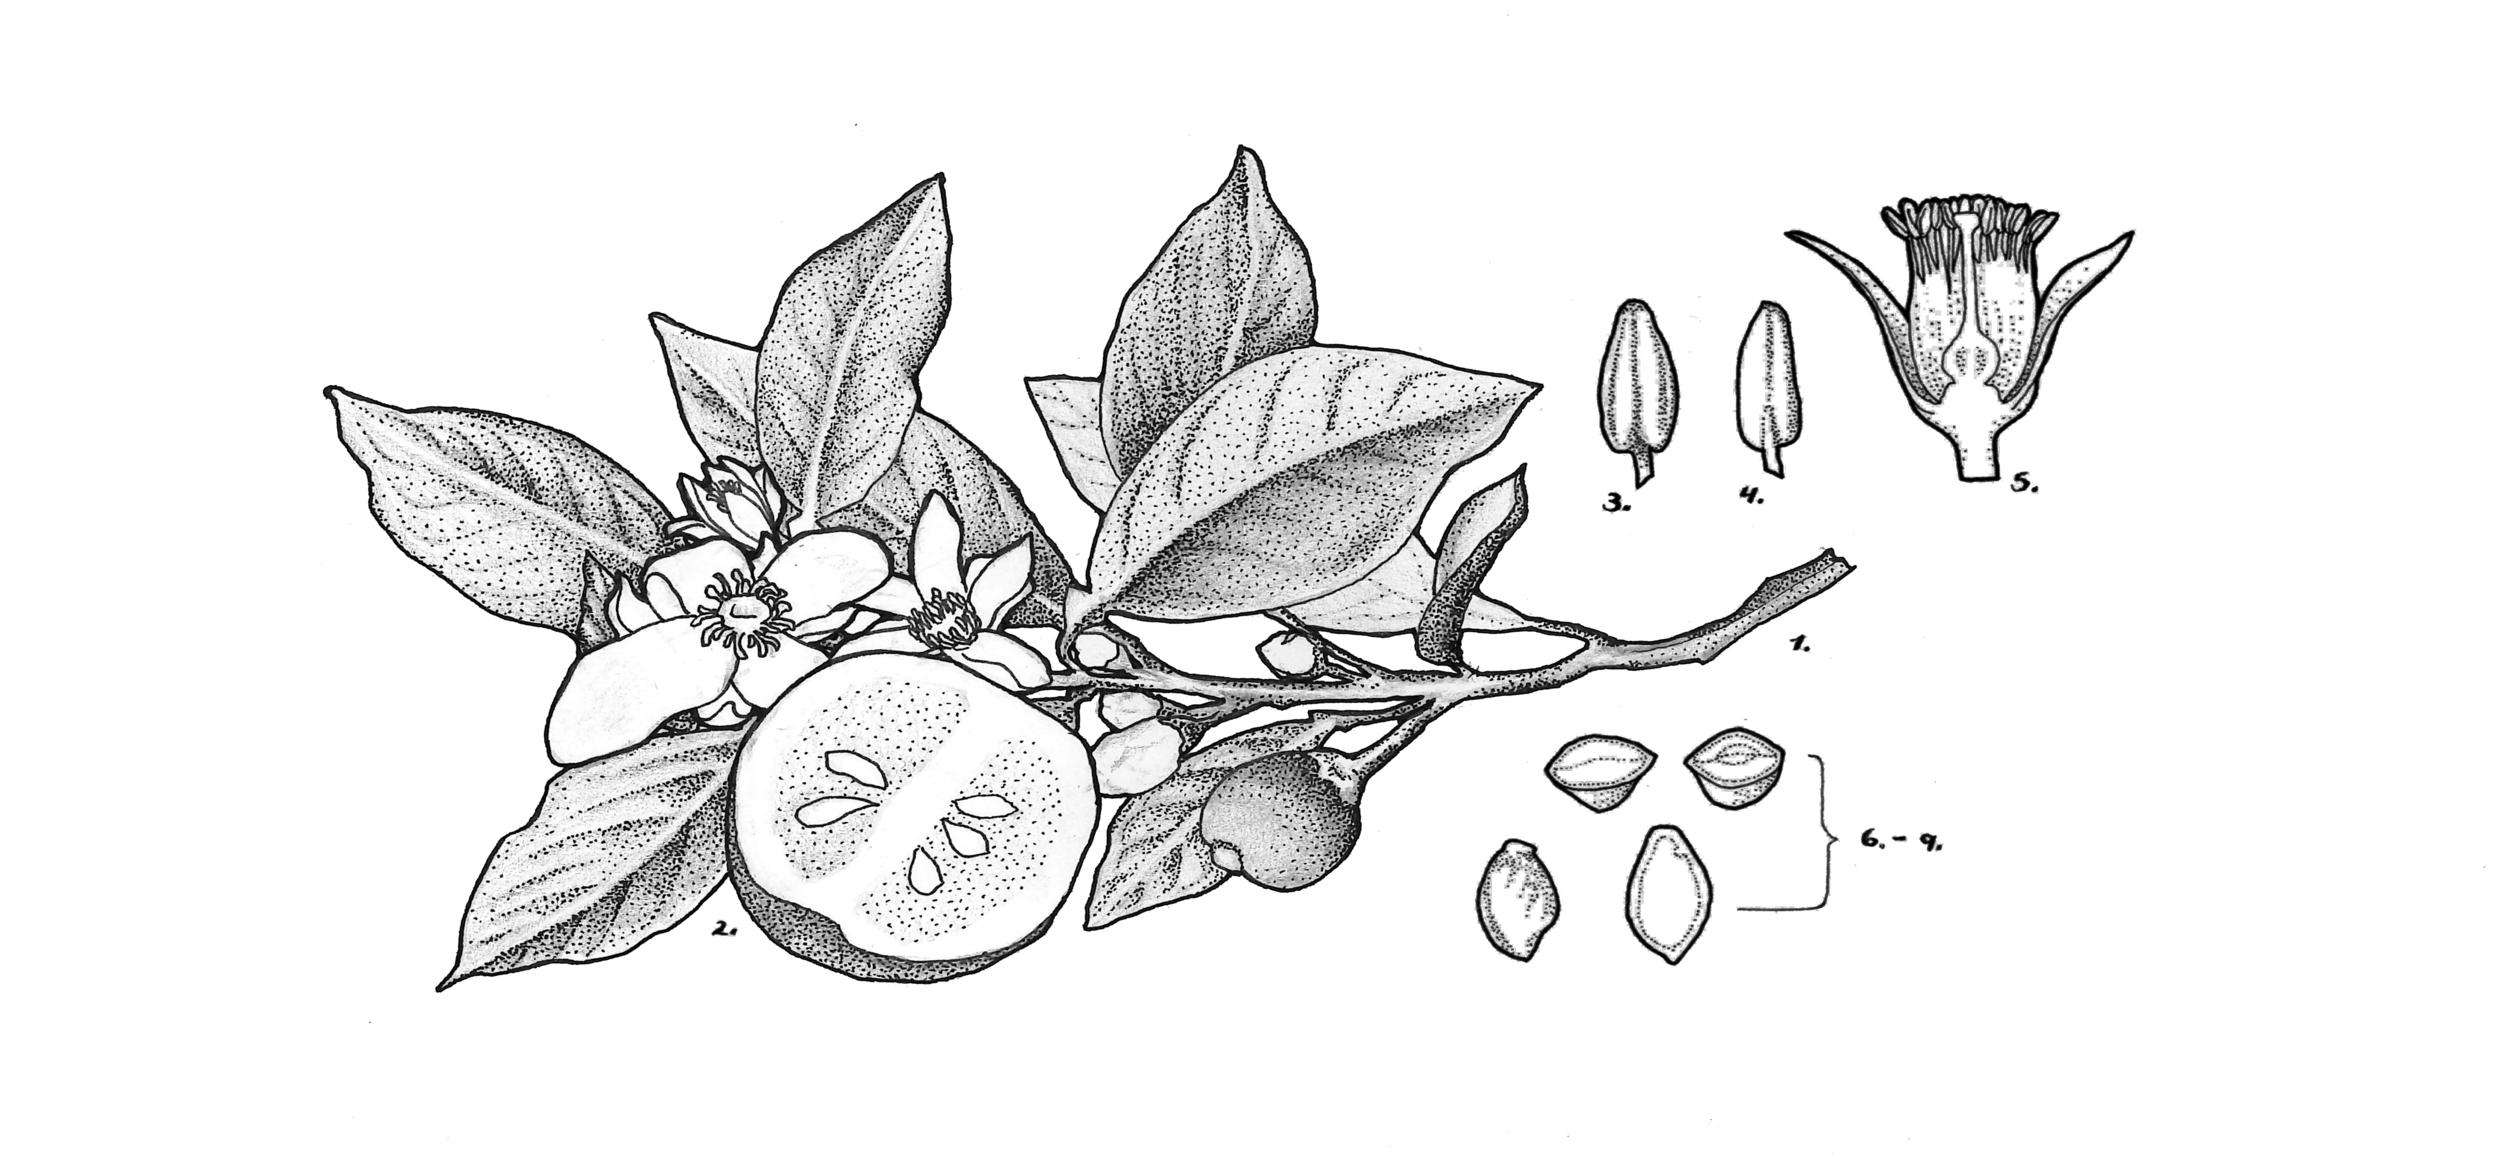 Citrus aurantium (orange blossom)